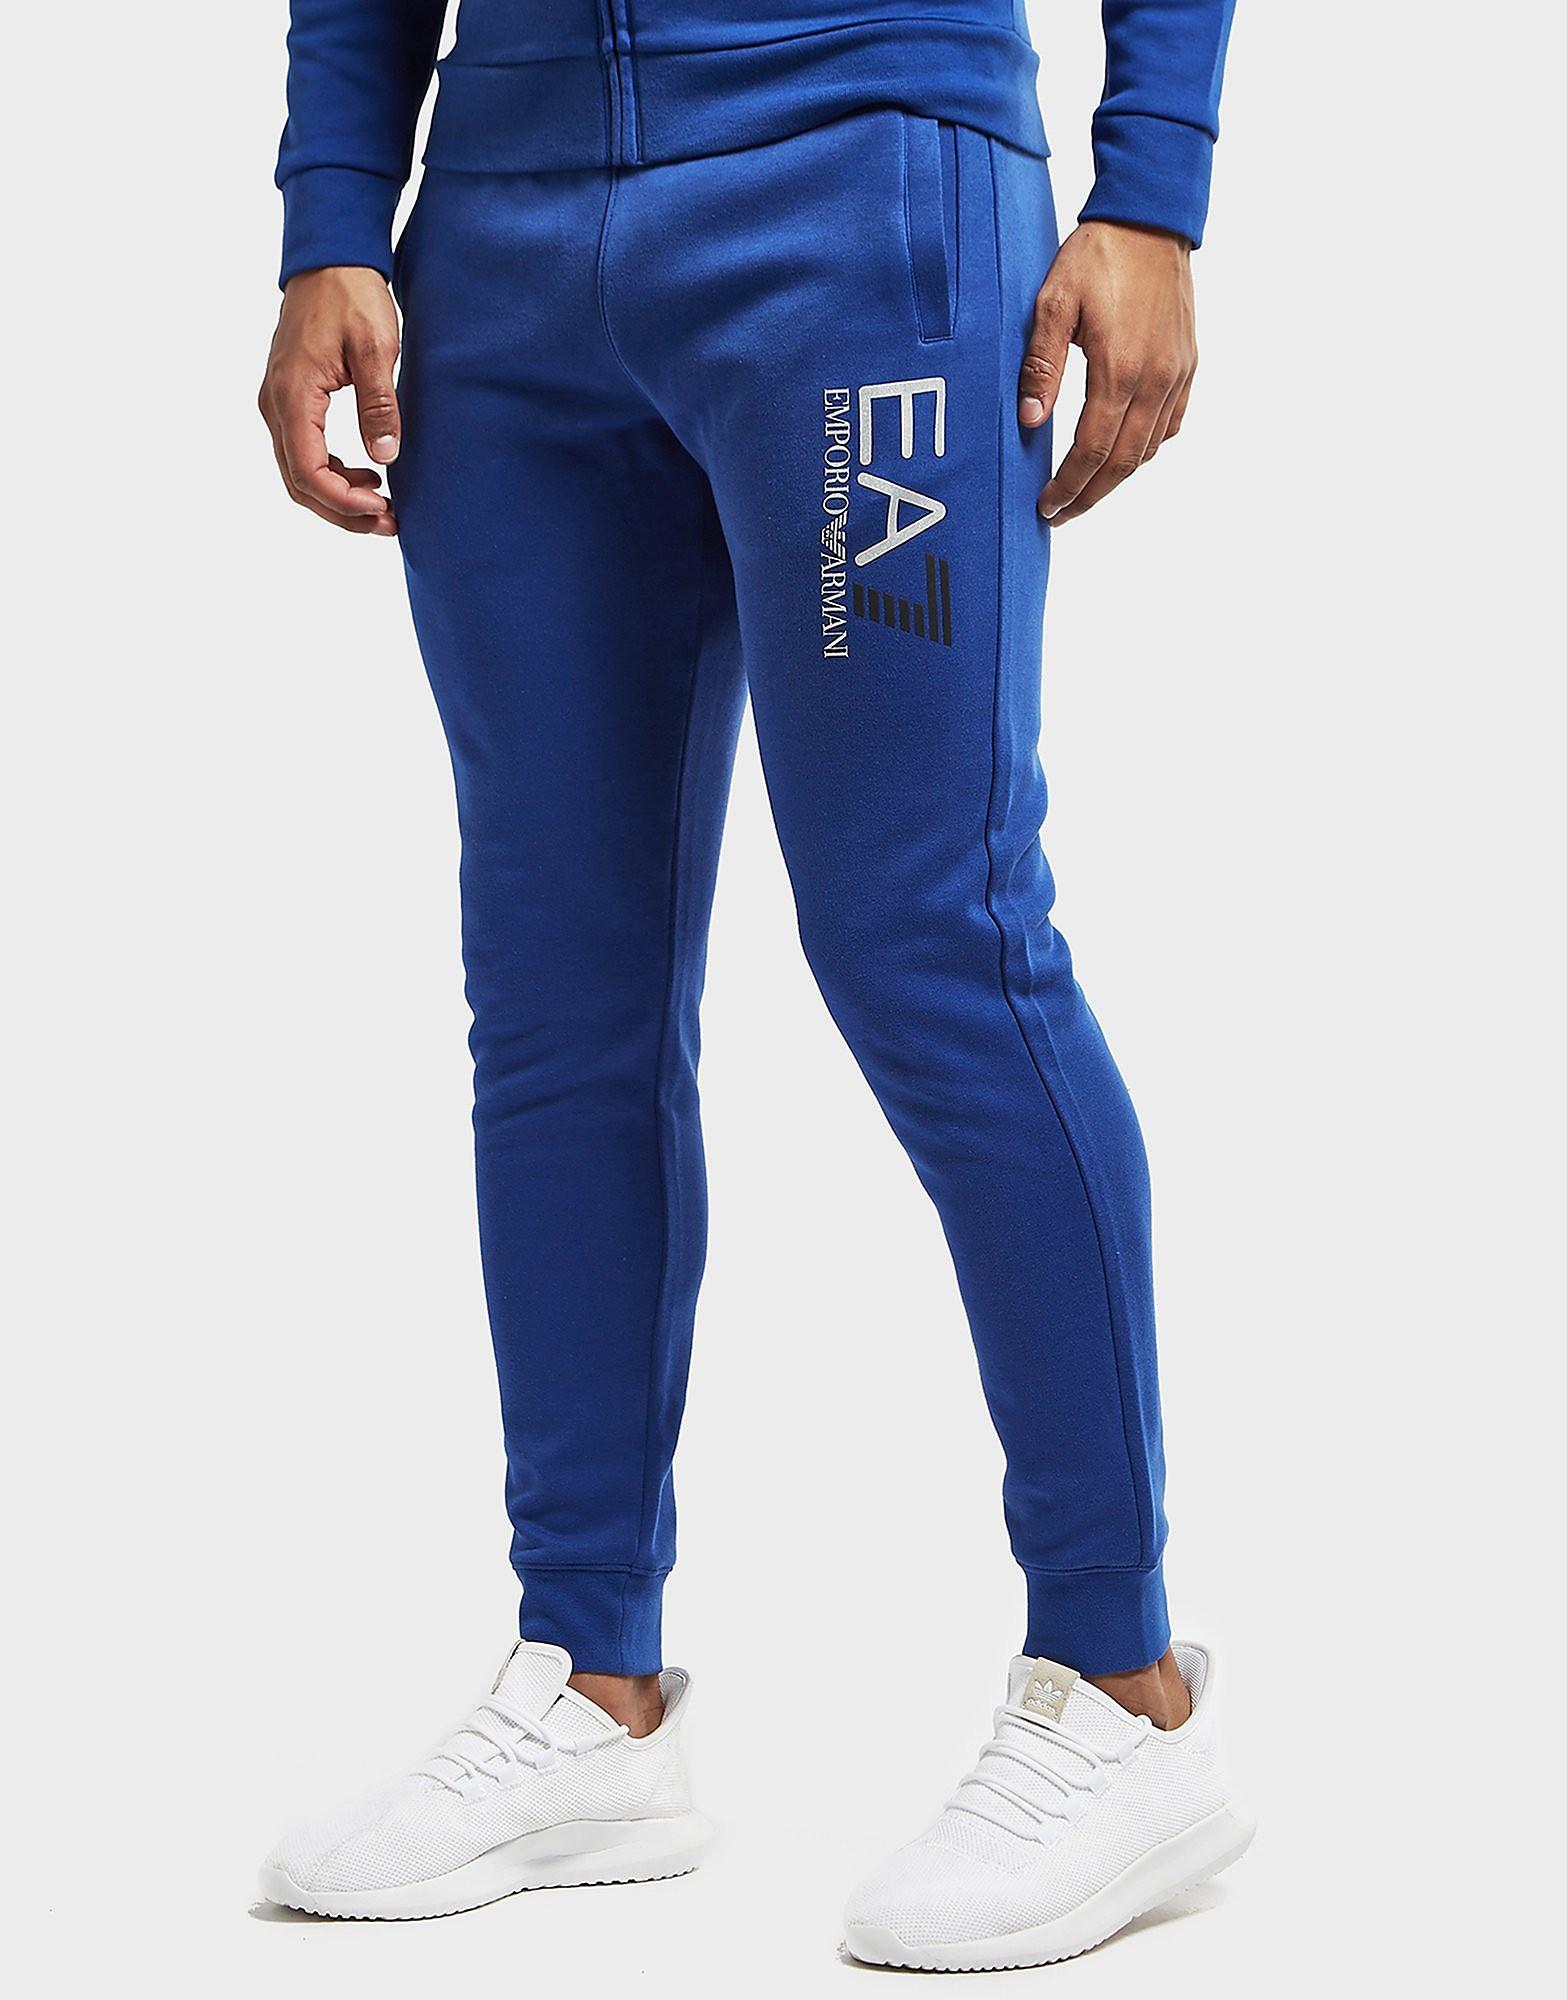 Emporio Armani EA7 Logo Cuffed Track Pants